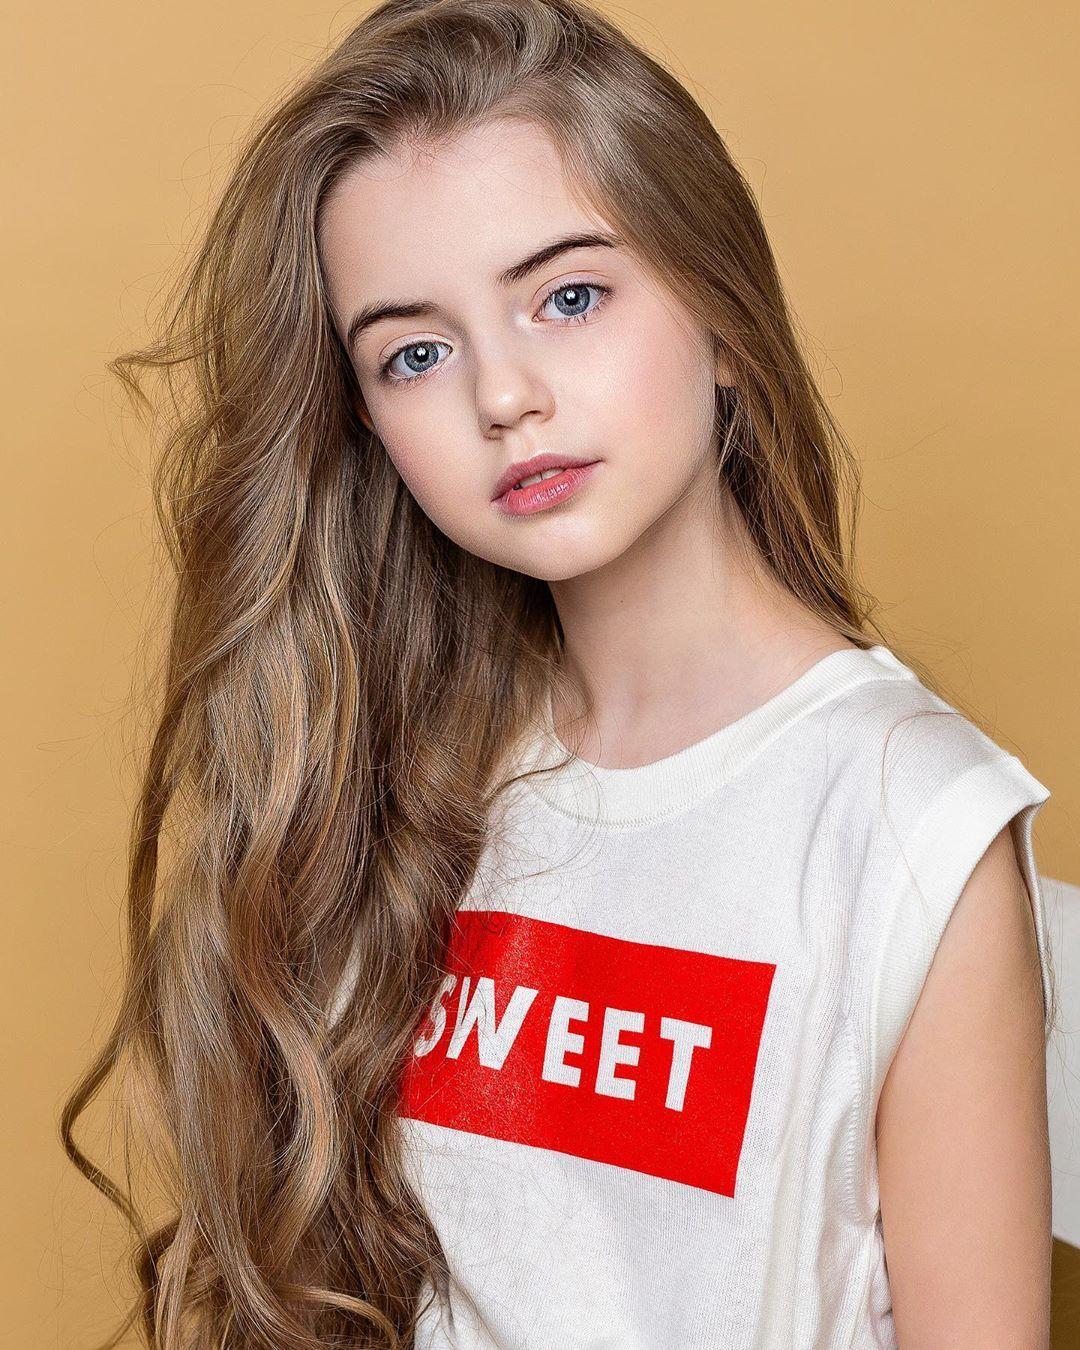 Веб девушка модель в минске девушки модели в киренск